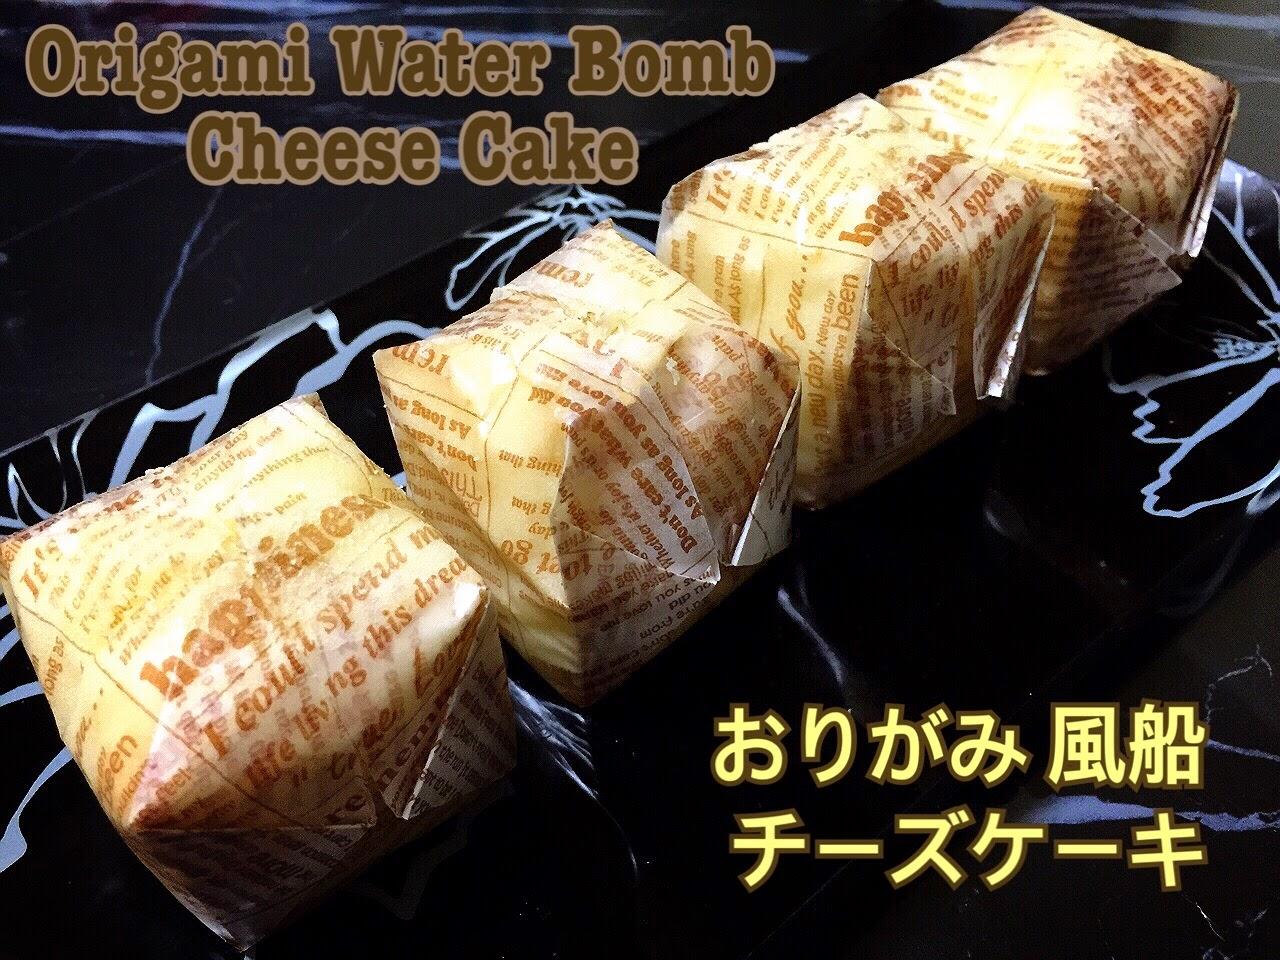 MinJi's Kitchen: Origami Water Bomb Cheese Cake おりがみ 風船 チーズケーキ - photo#2